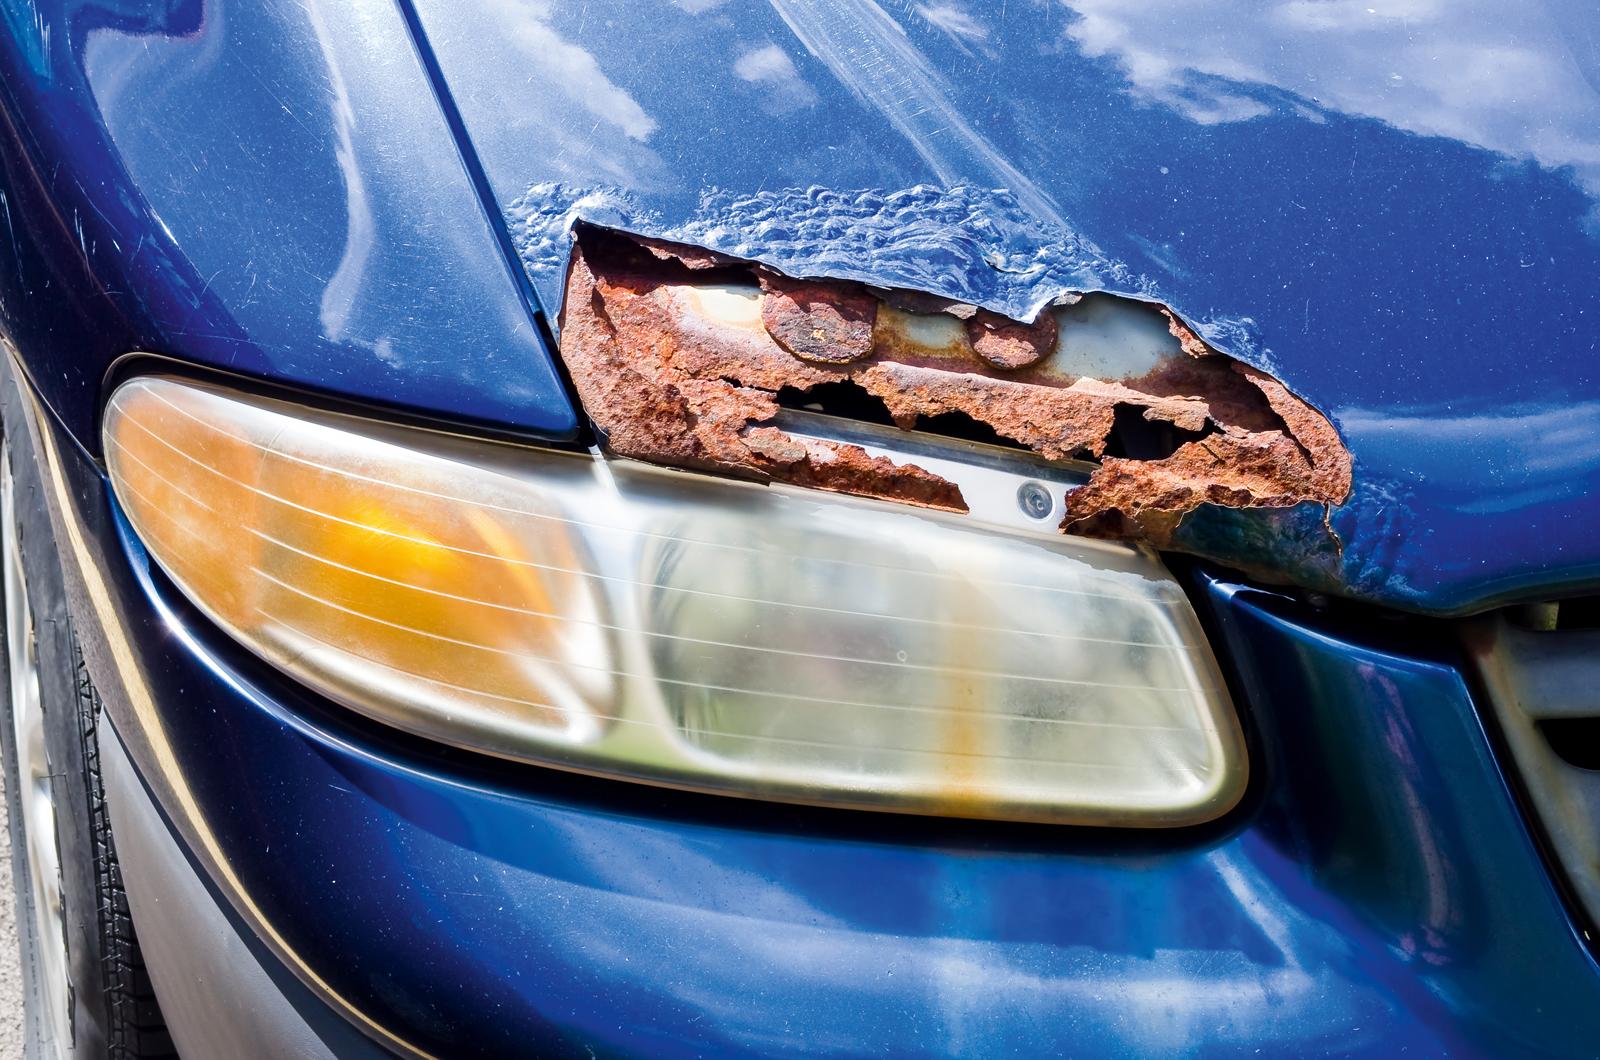 ТОП-5 автомобилей, которые ржавеют в течение года после покупки